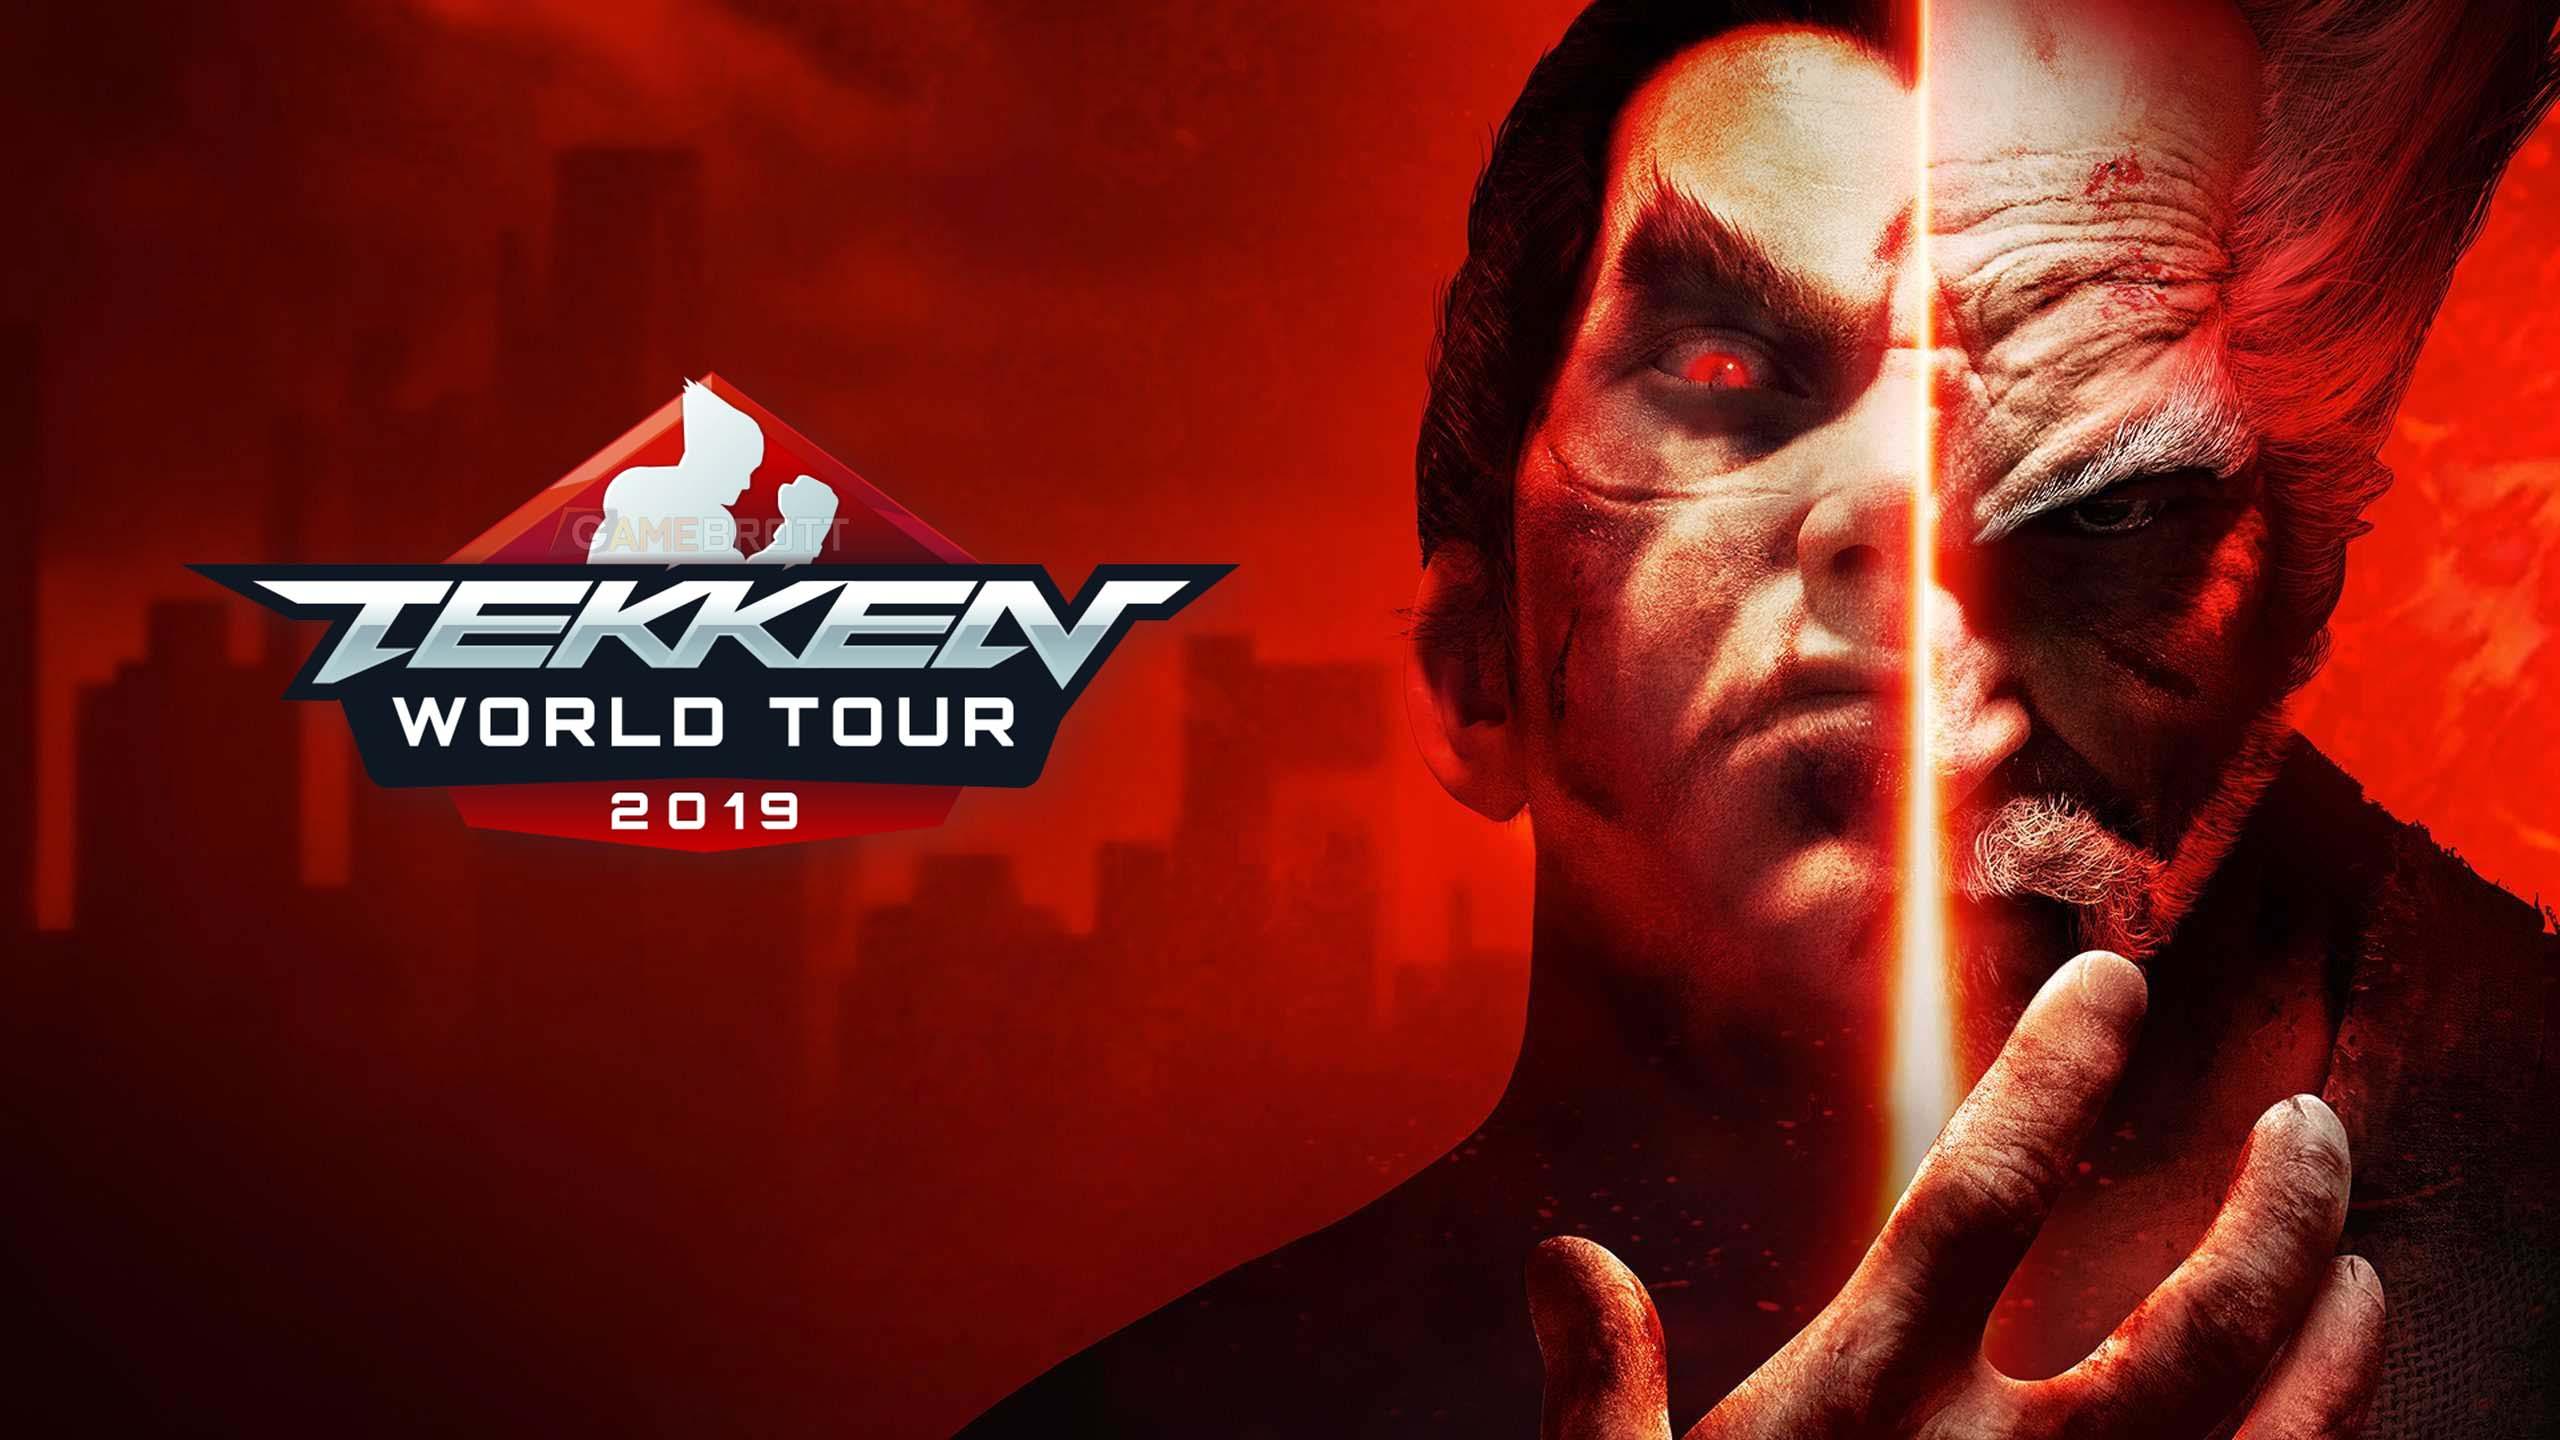 Kini Eo Lokal Bisa Ikut Berpartisipasi Di Turnamen Tekken 7 World Tour 2019 Gamebrott Com